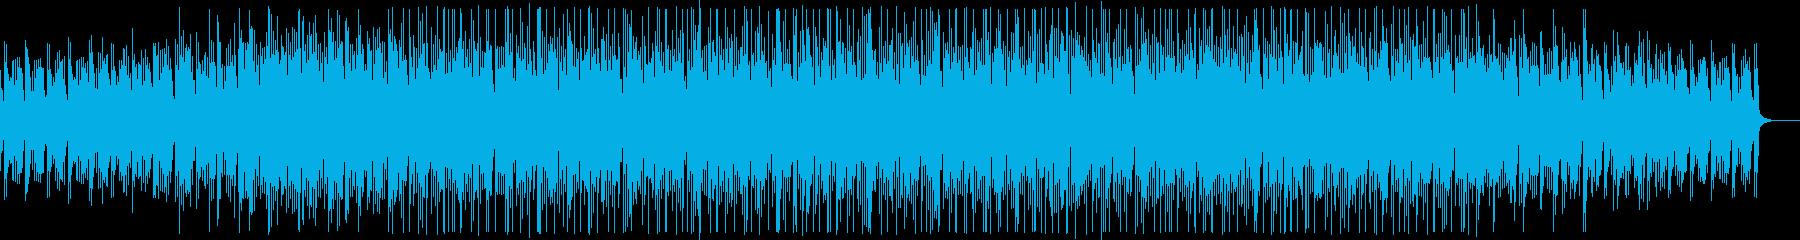 不思議な雰囲気のミニマルミュージックの再生済みの波形